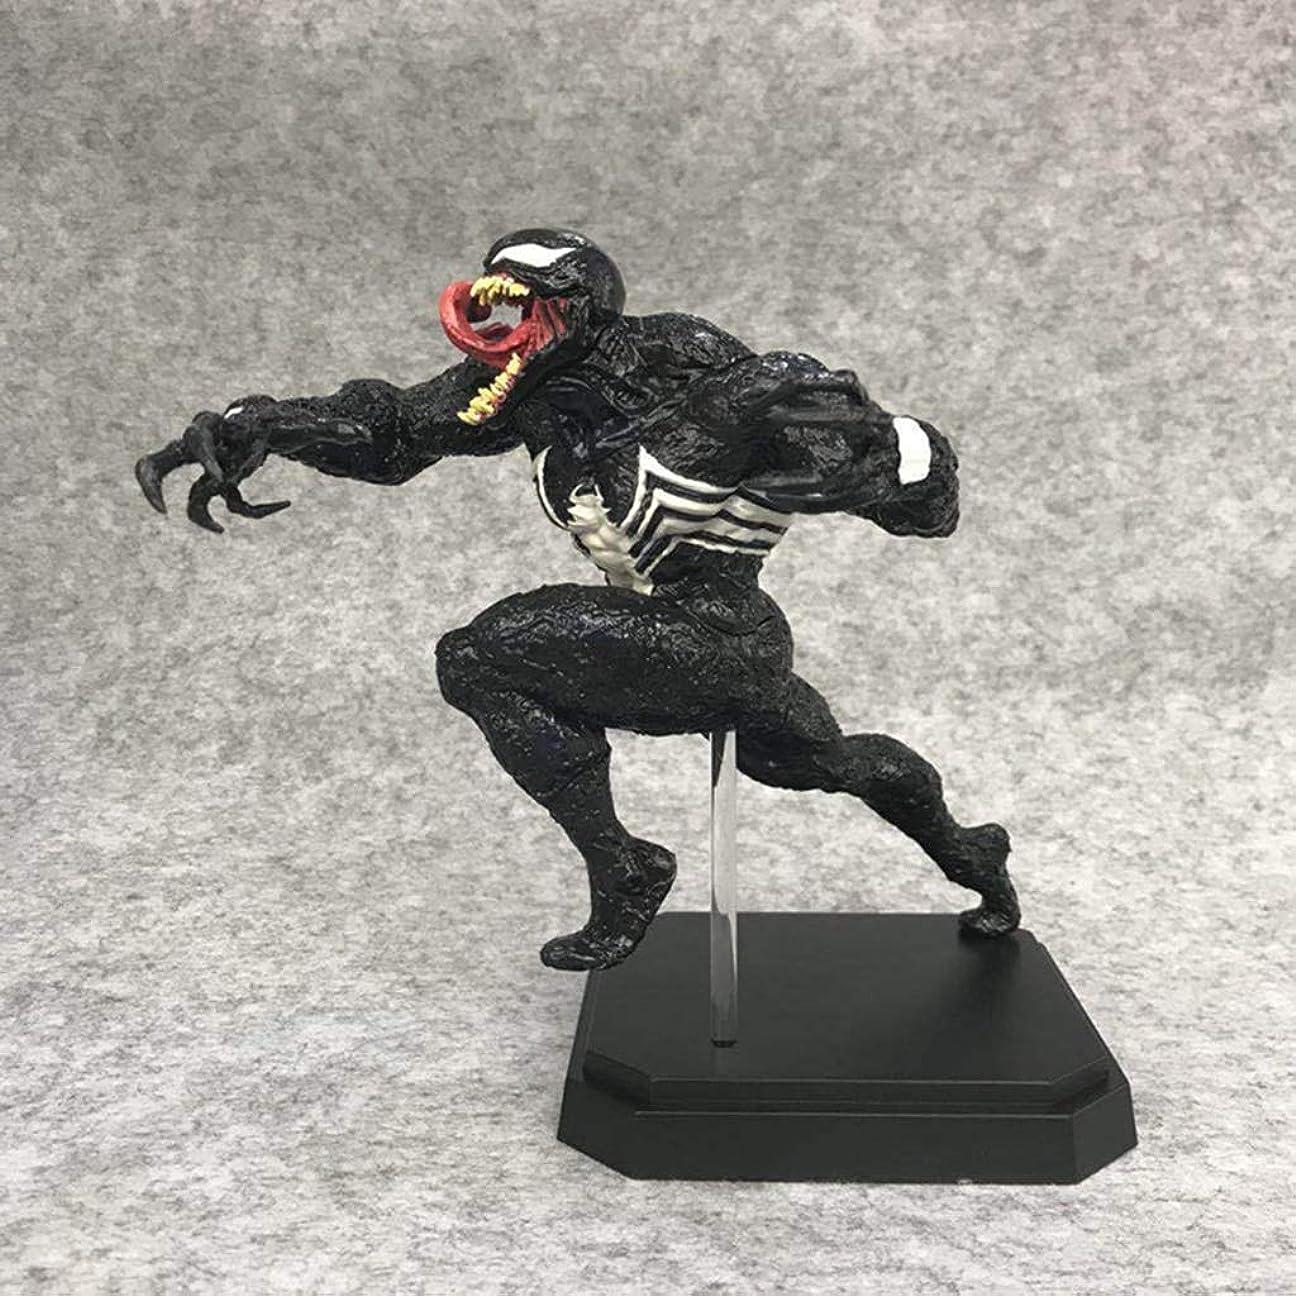 具体的にリングレット元に戻す映画モデル、PVC子供のおもちゃコレクションの彫像、デスクトップの装飾的なおもちゃの彫像のおもちゃのモデルのキャラクターの彫刻、エドワードブロック(21センチ) JSFQ